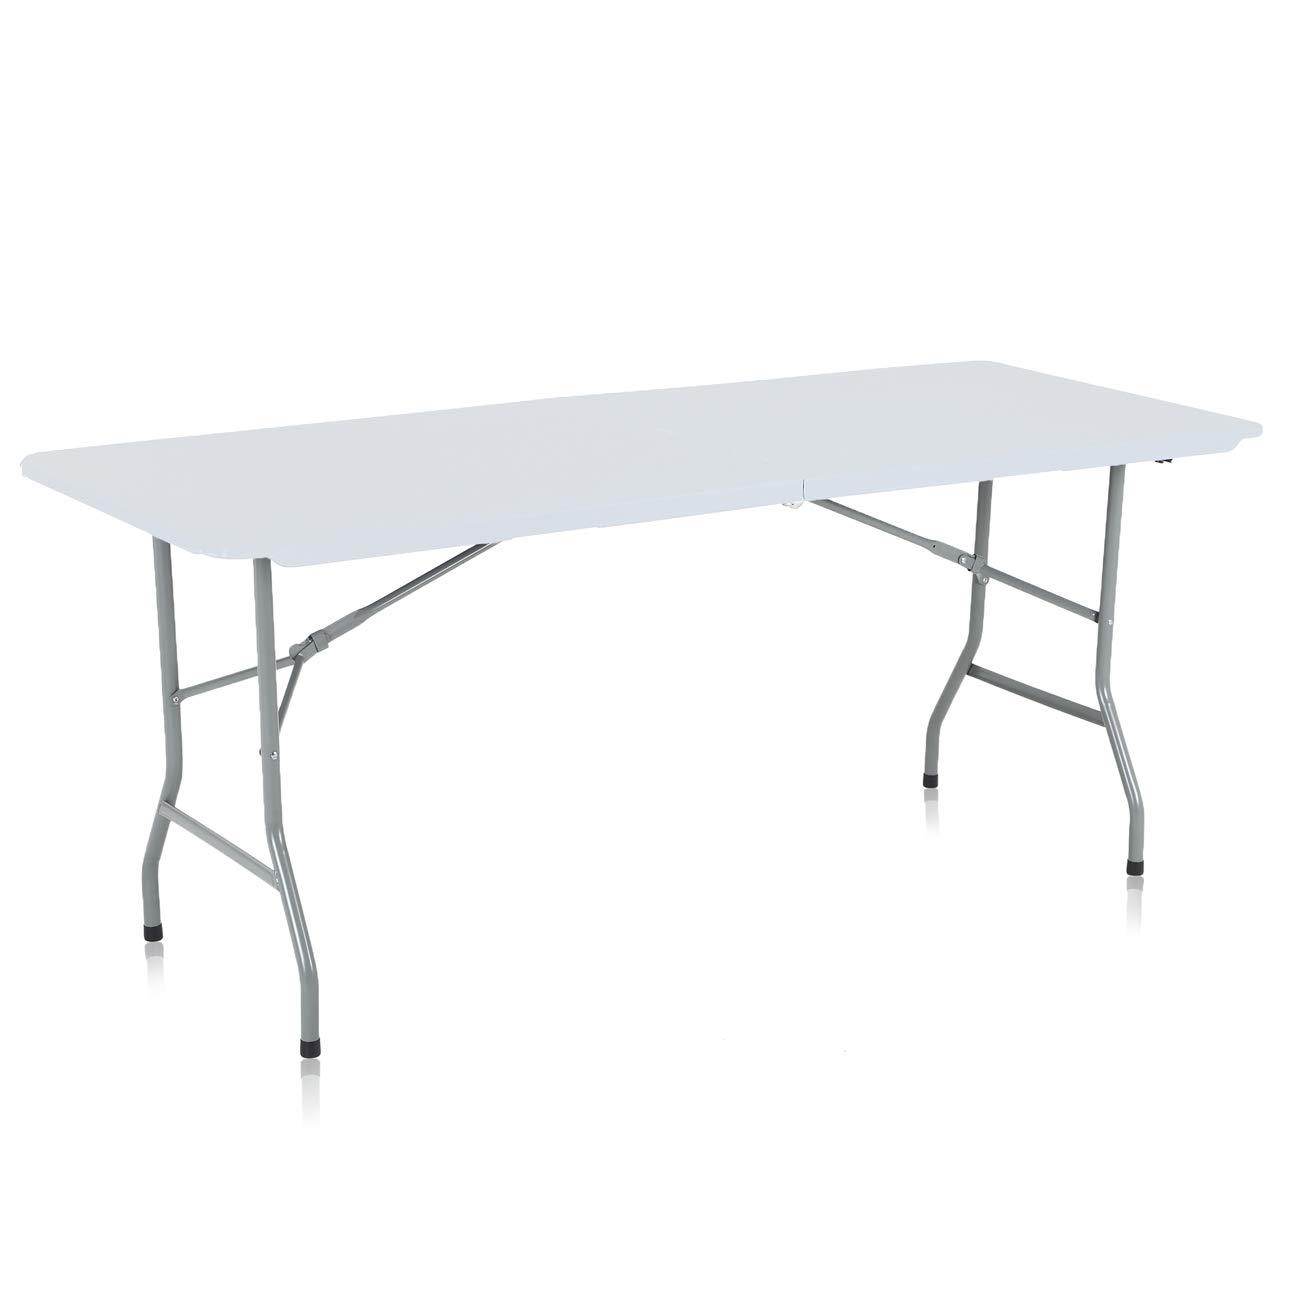 Partytisch Klappbar.Strattore Campingtisch Bierzelttisch Gartentisch Buffettisch Esstisch Partytisch Klappbar Mit Tragegriff Aus Kunststoff 180 X 70 X 74 Cm In Weiß